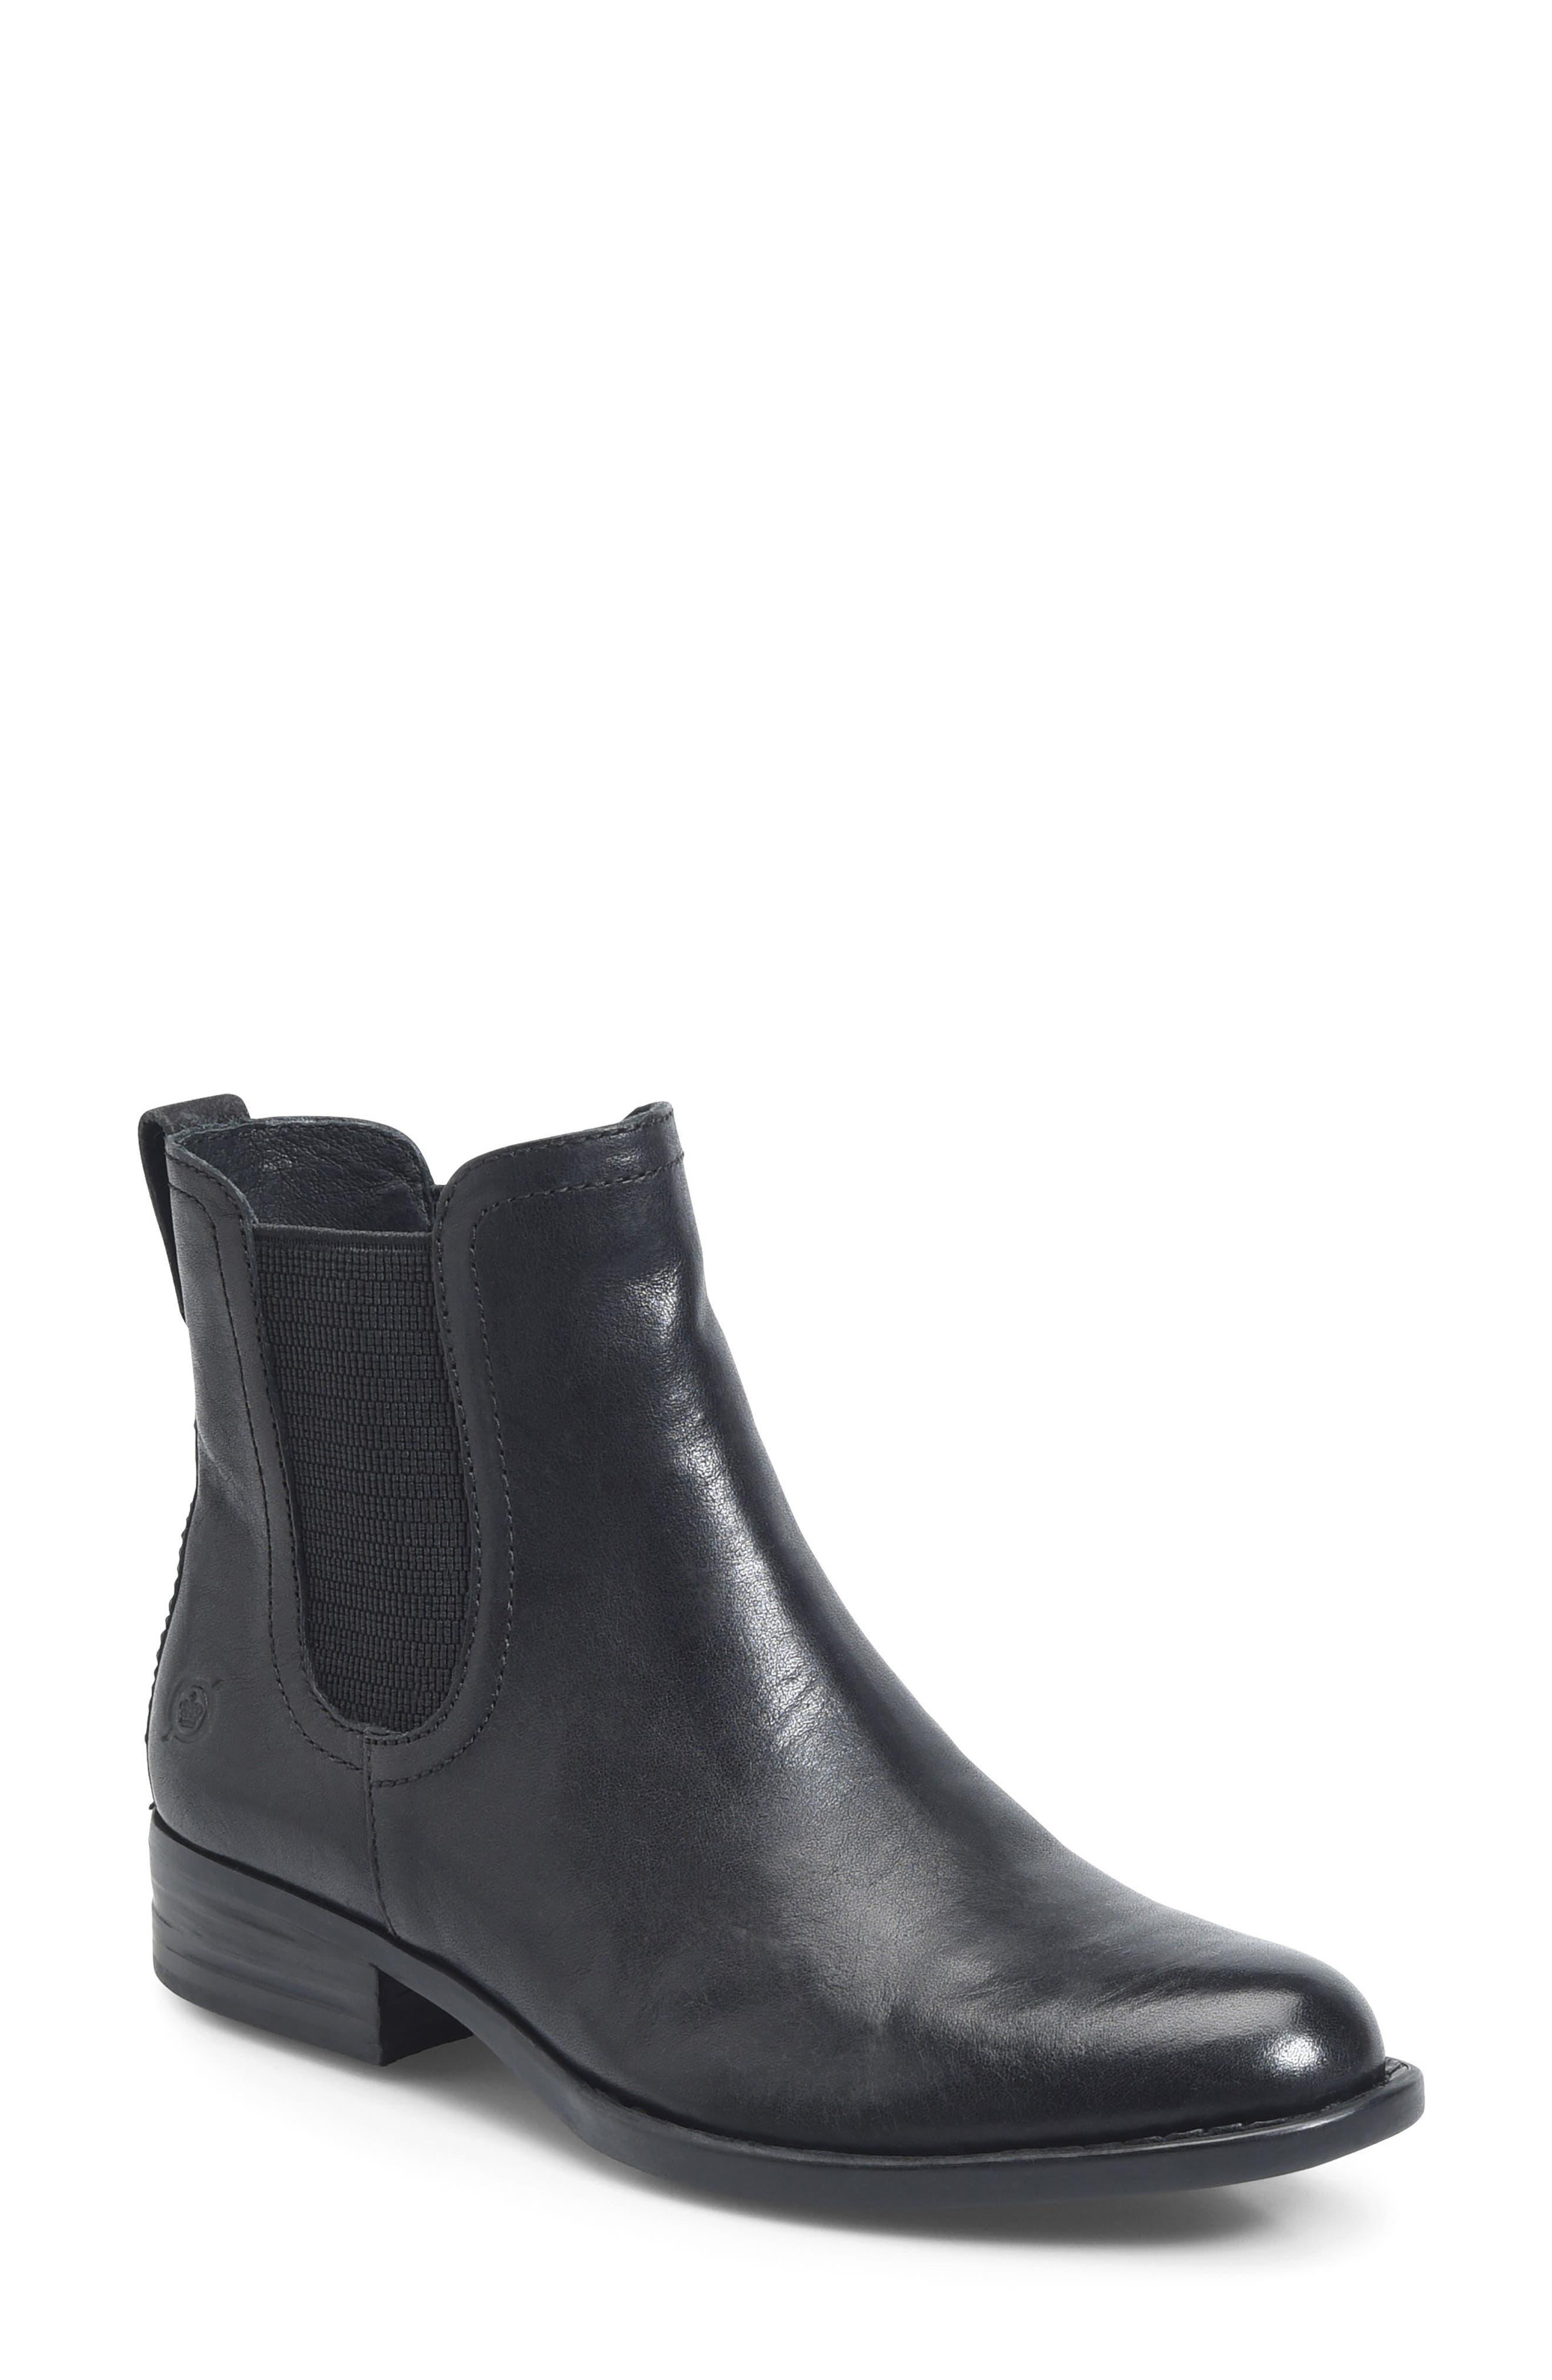 B?rn Casco Chelsea Boot, Black